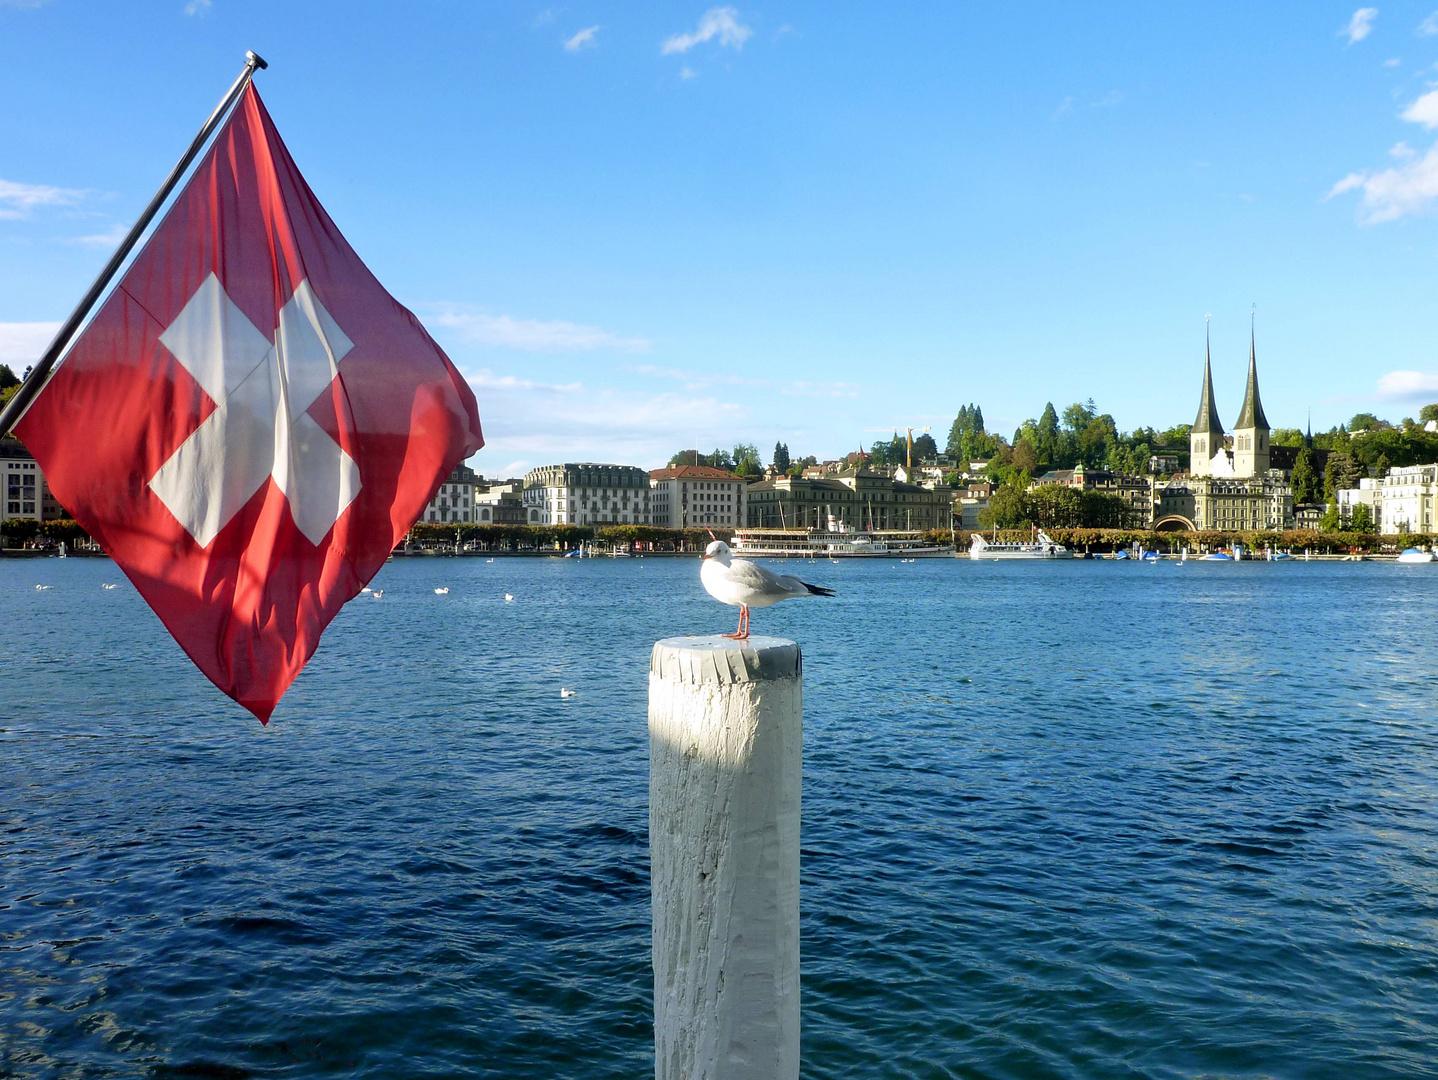 Unter schweizer Flagge ...